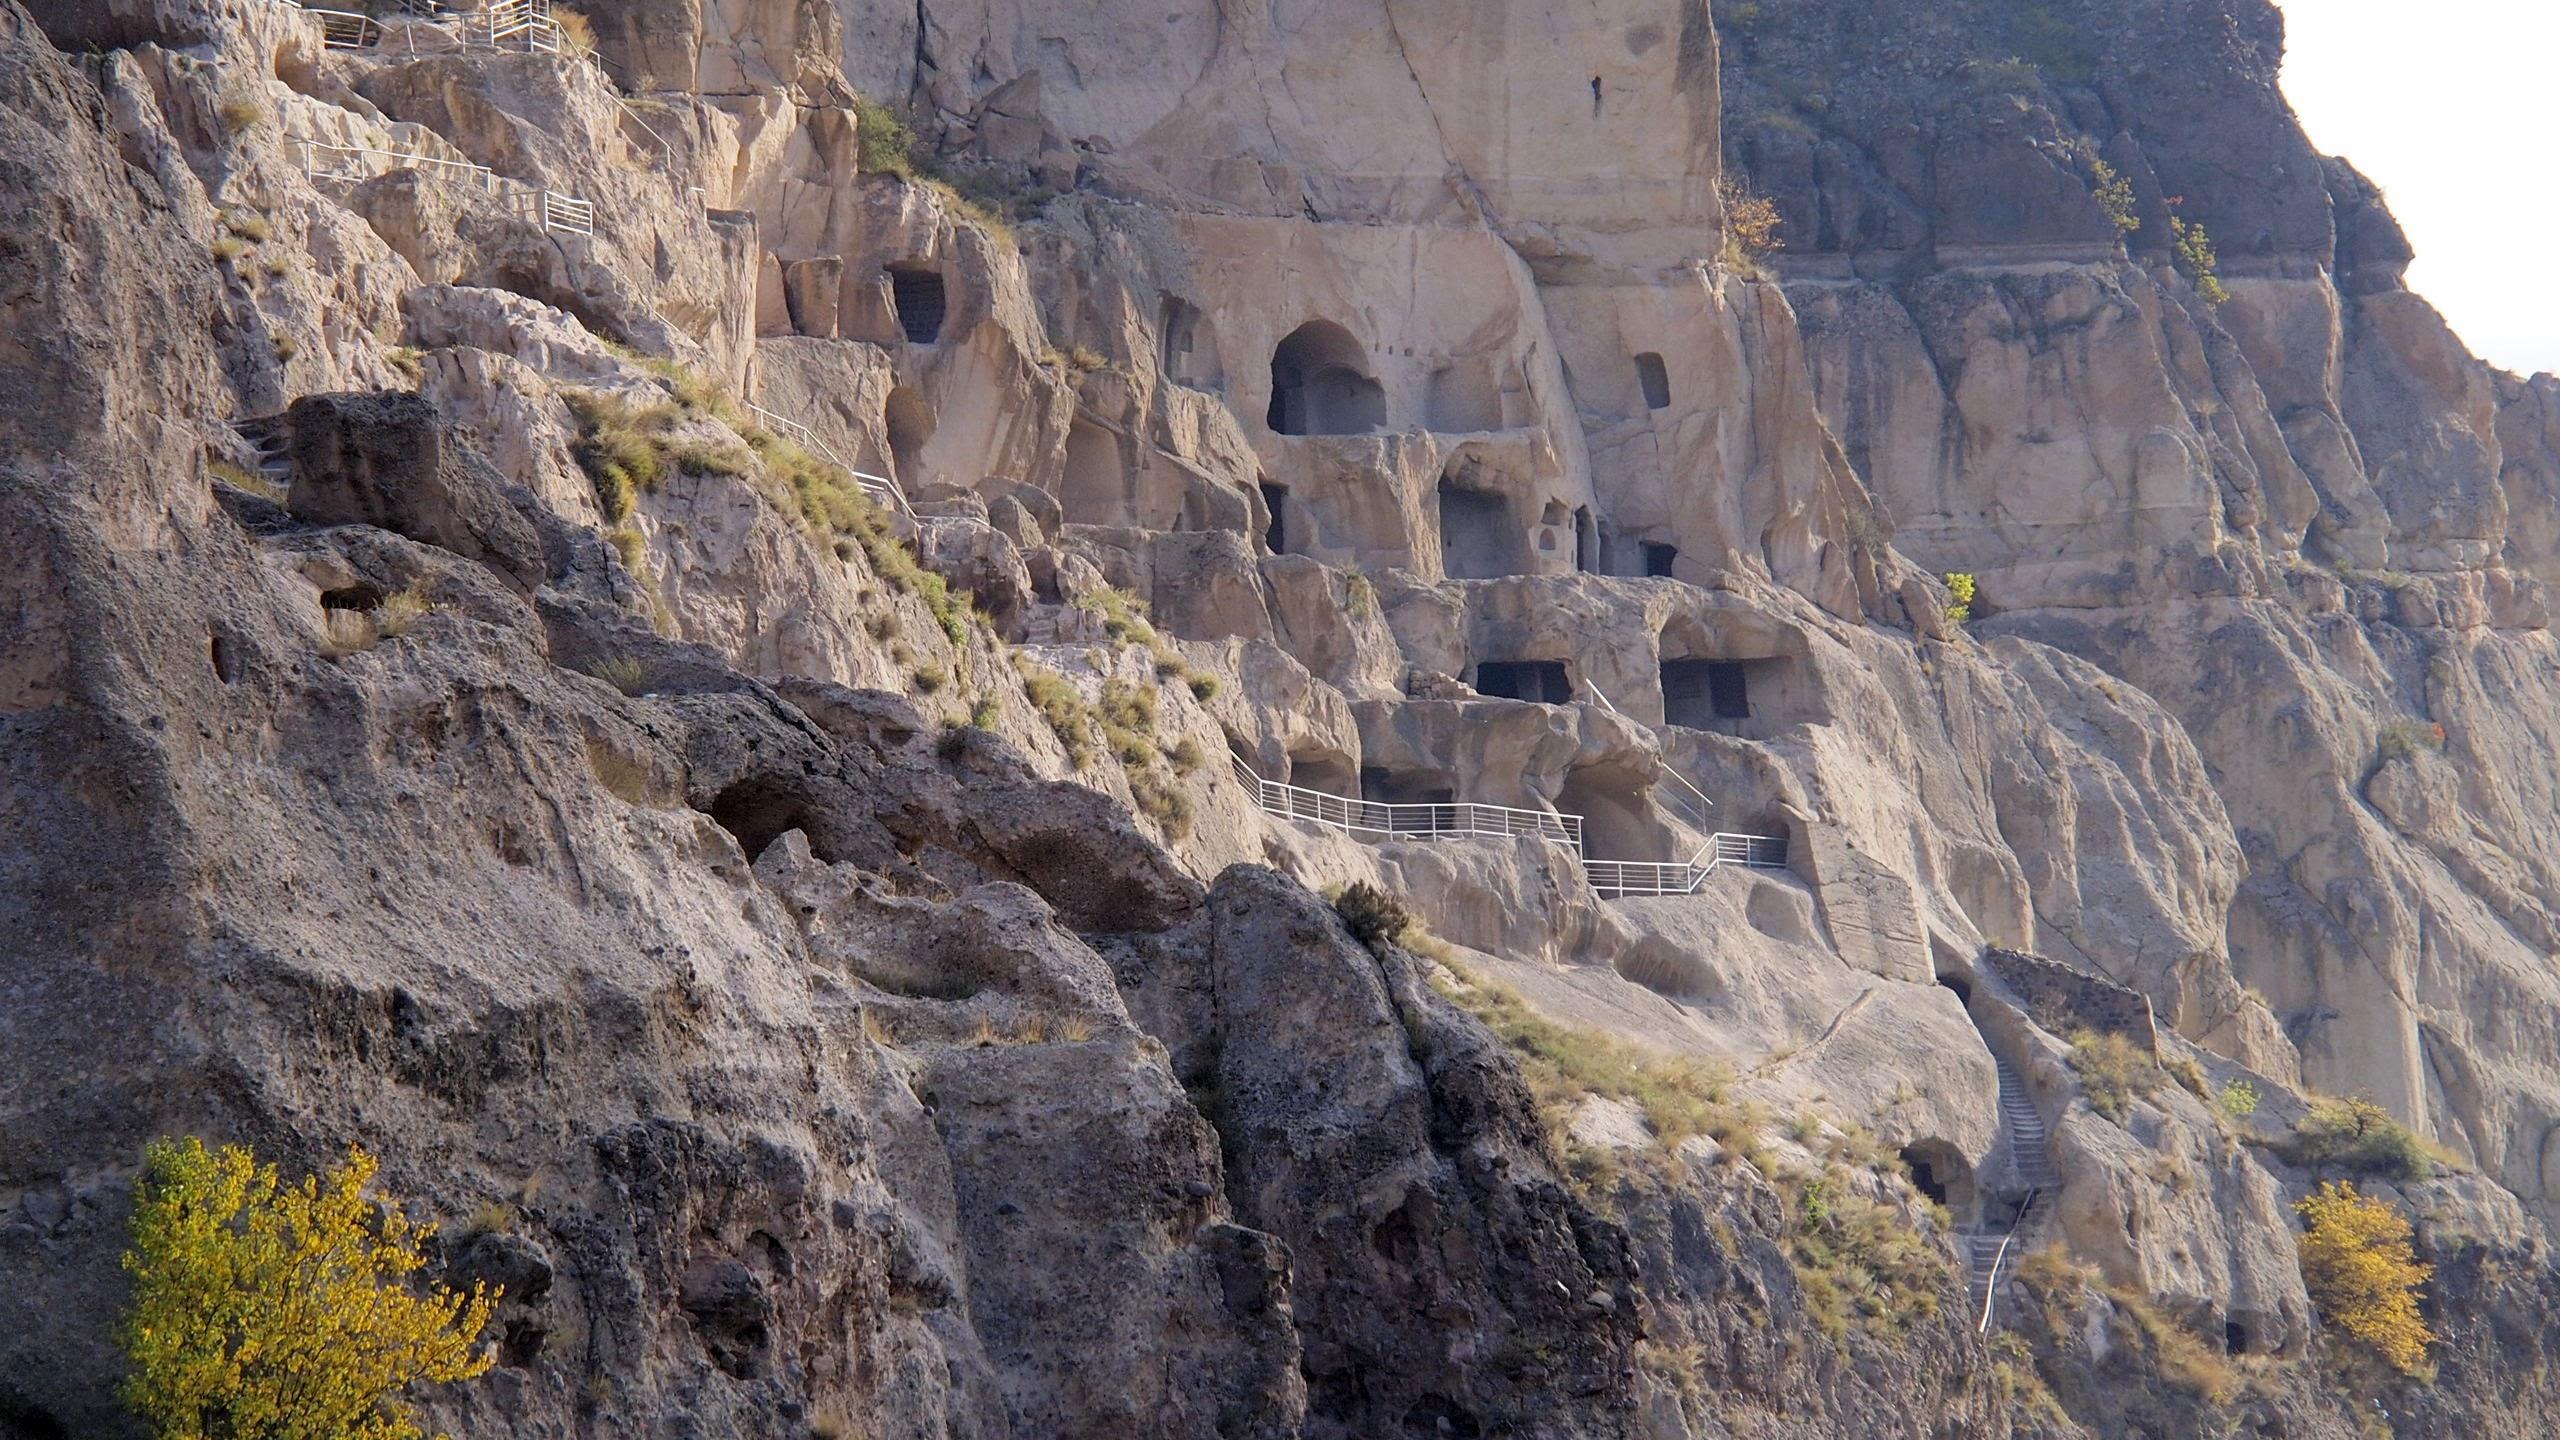 Cave city Georgia